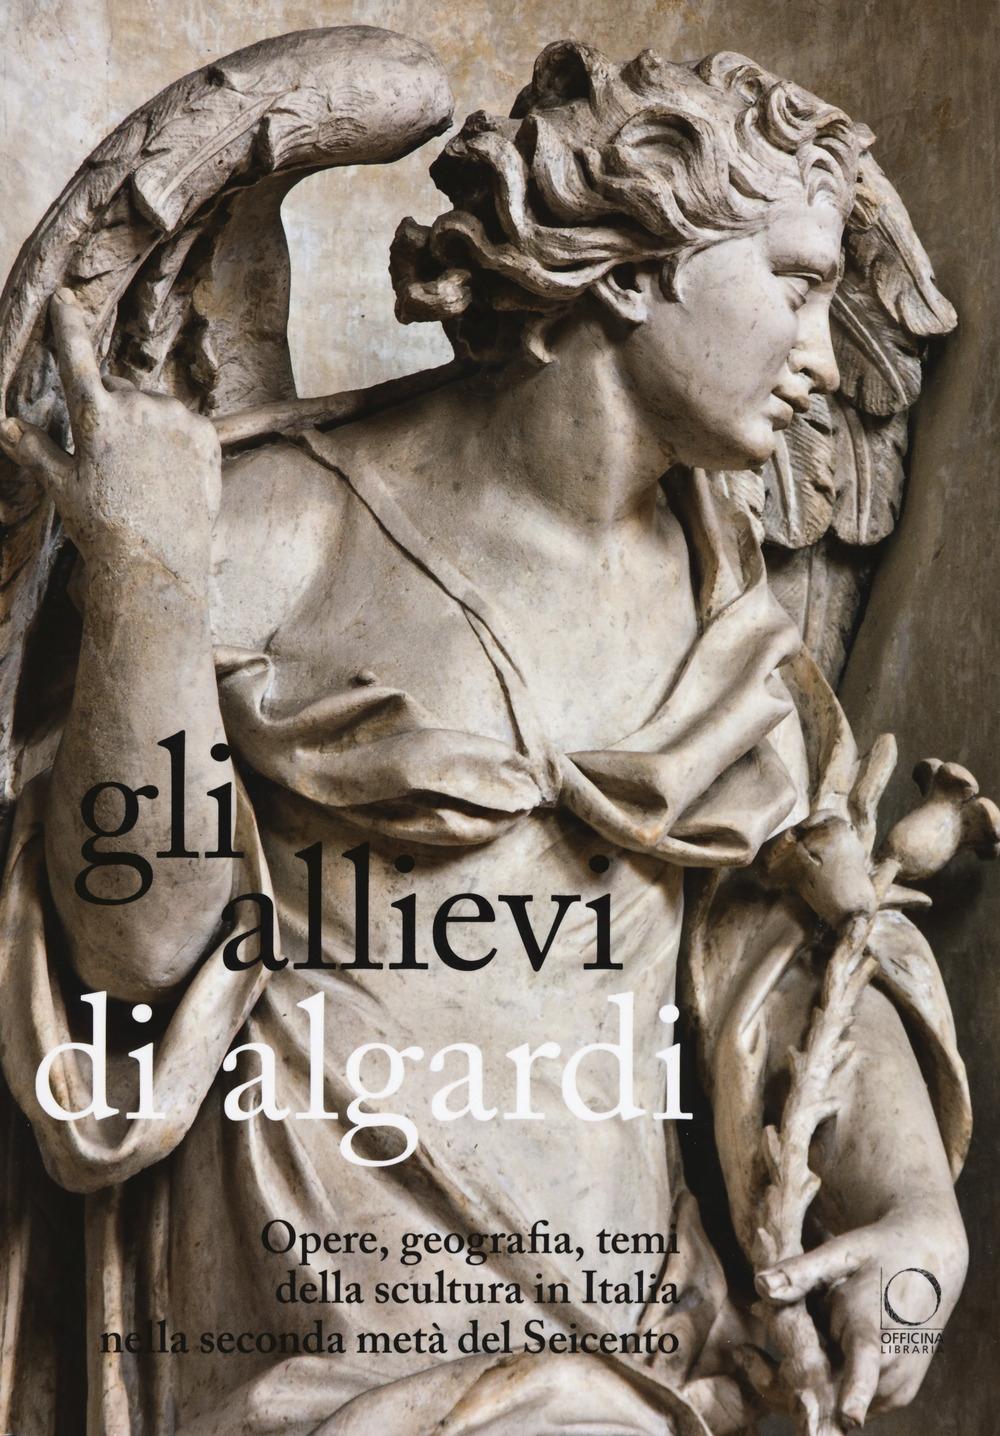 Gli allievi di Algardi. Opere, geografia, temi della scultura in Italia nella seconda metà del Seicento.